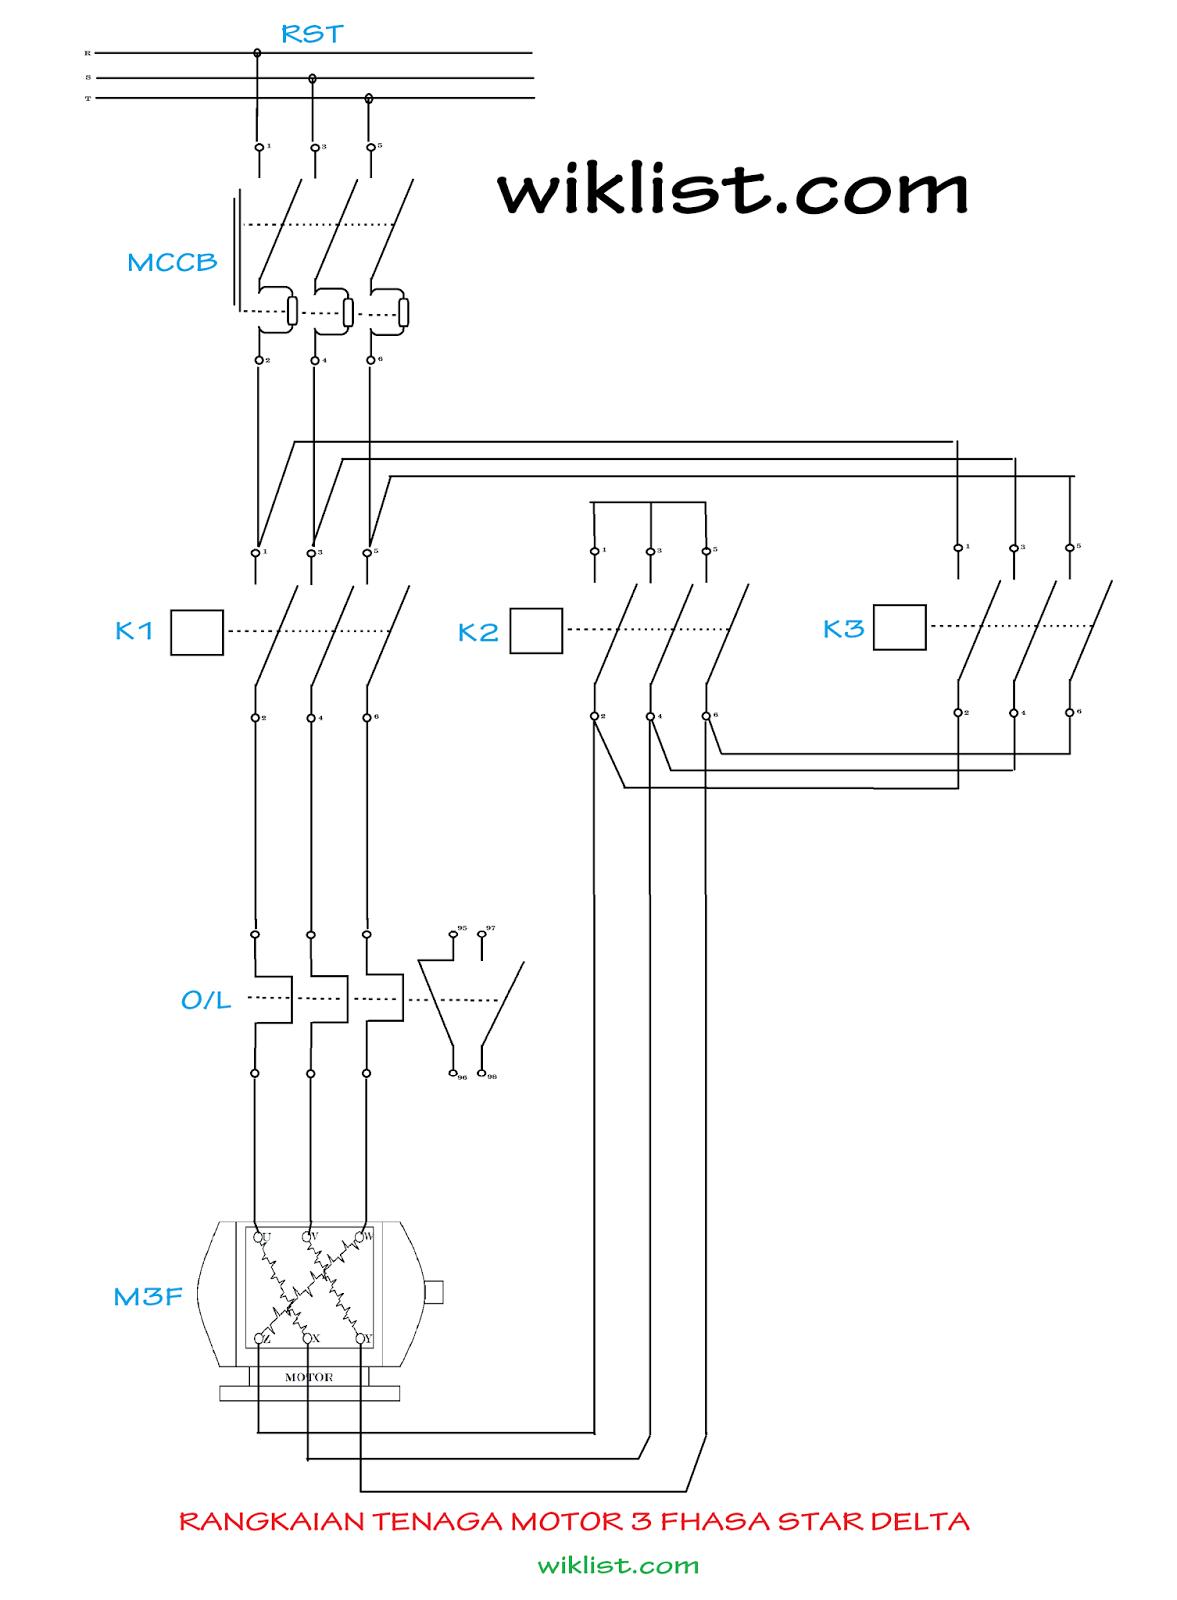 Sistem kontrol motor listrik 3 phasa star delta mebuat dan rangkaian tenaga ccuart Image collections